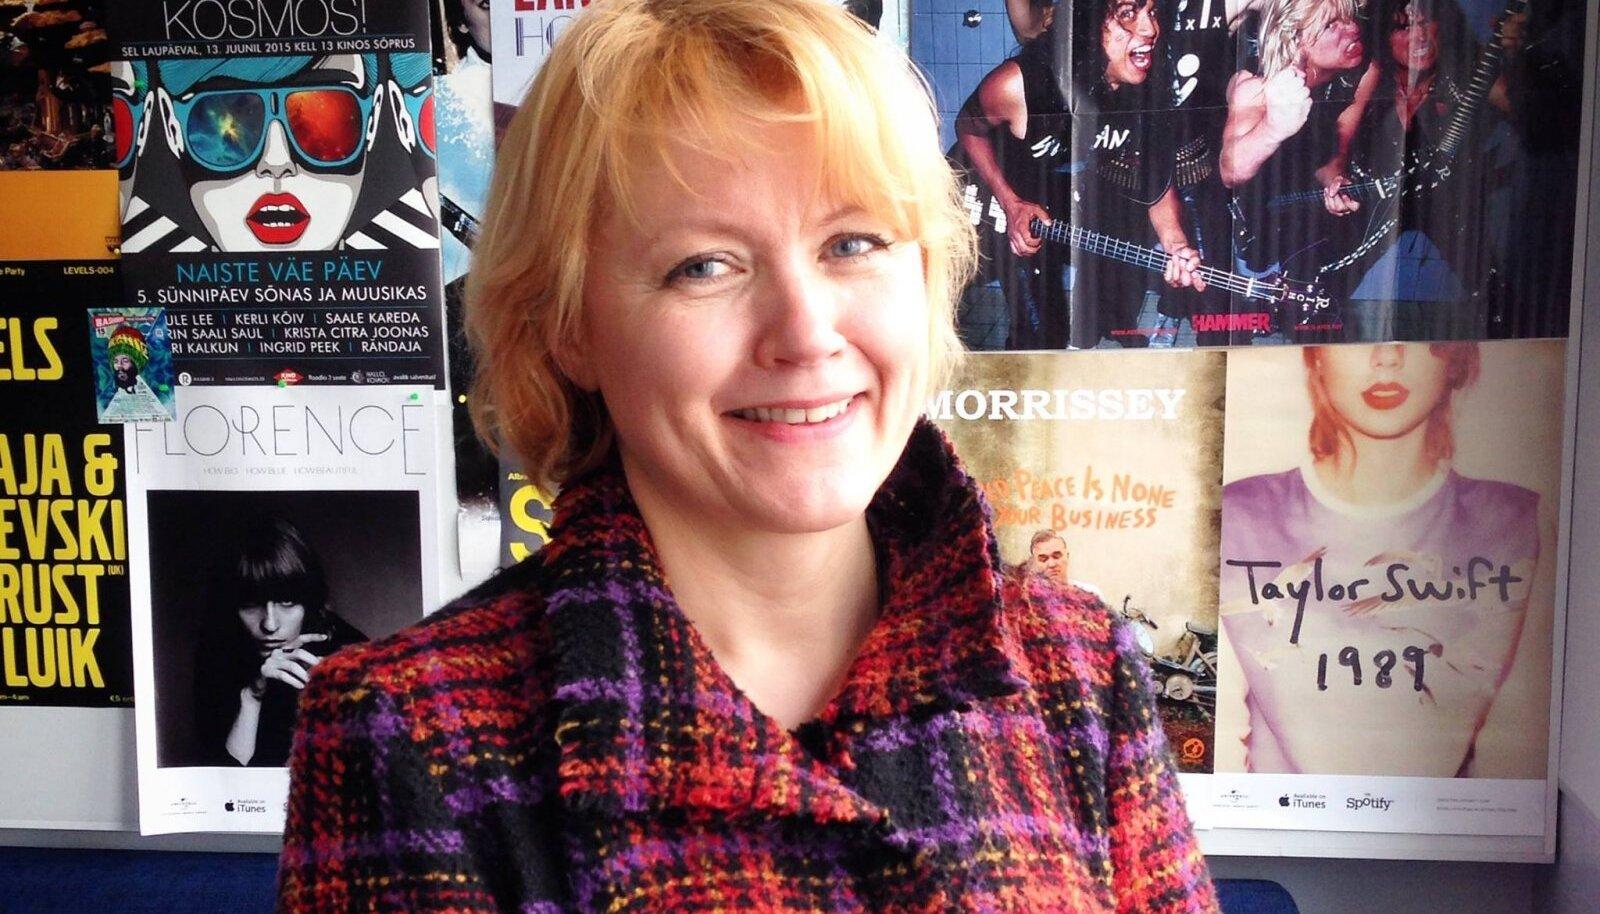 Rea Raus, Tampere Ülikooli doktorant, Statera Uurimis- ja Praktikakeskus